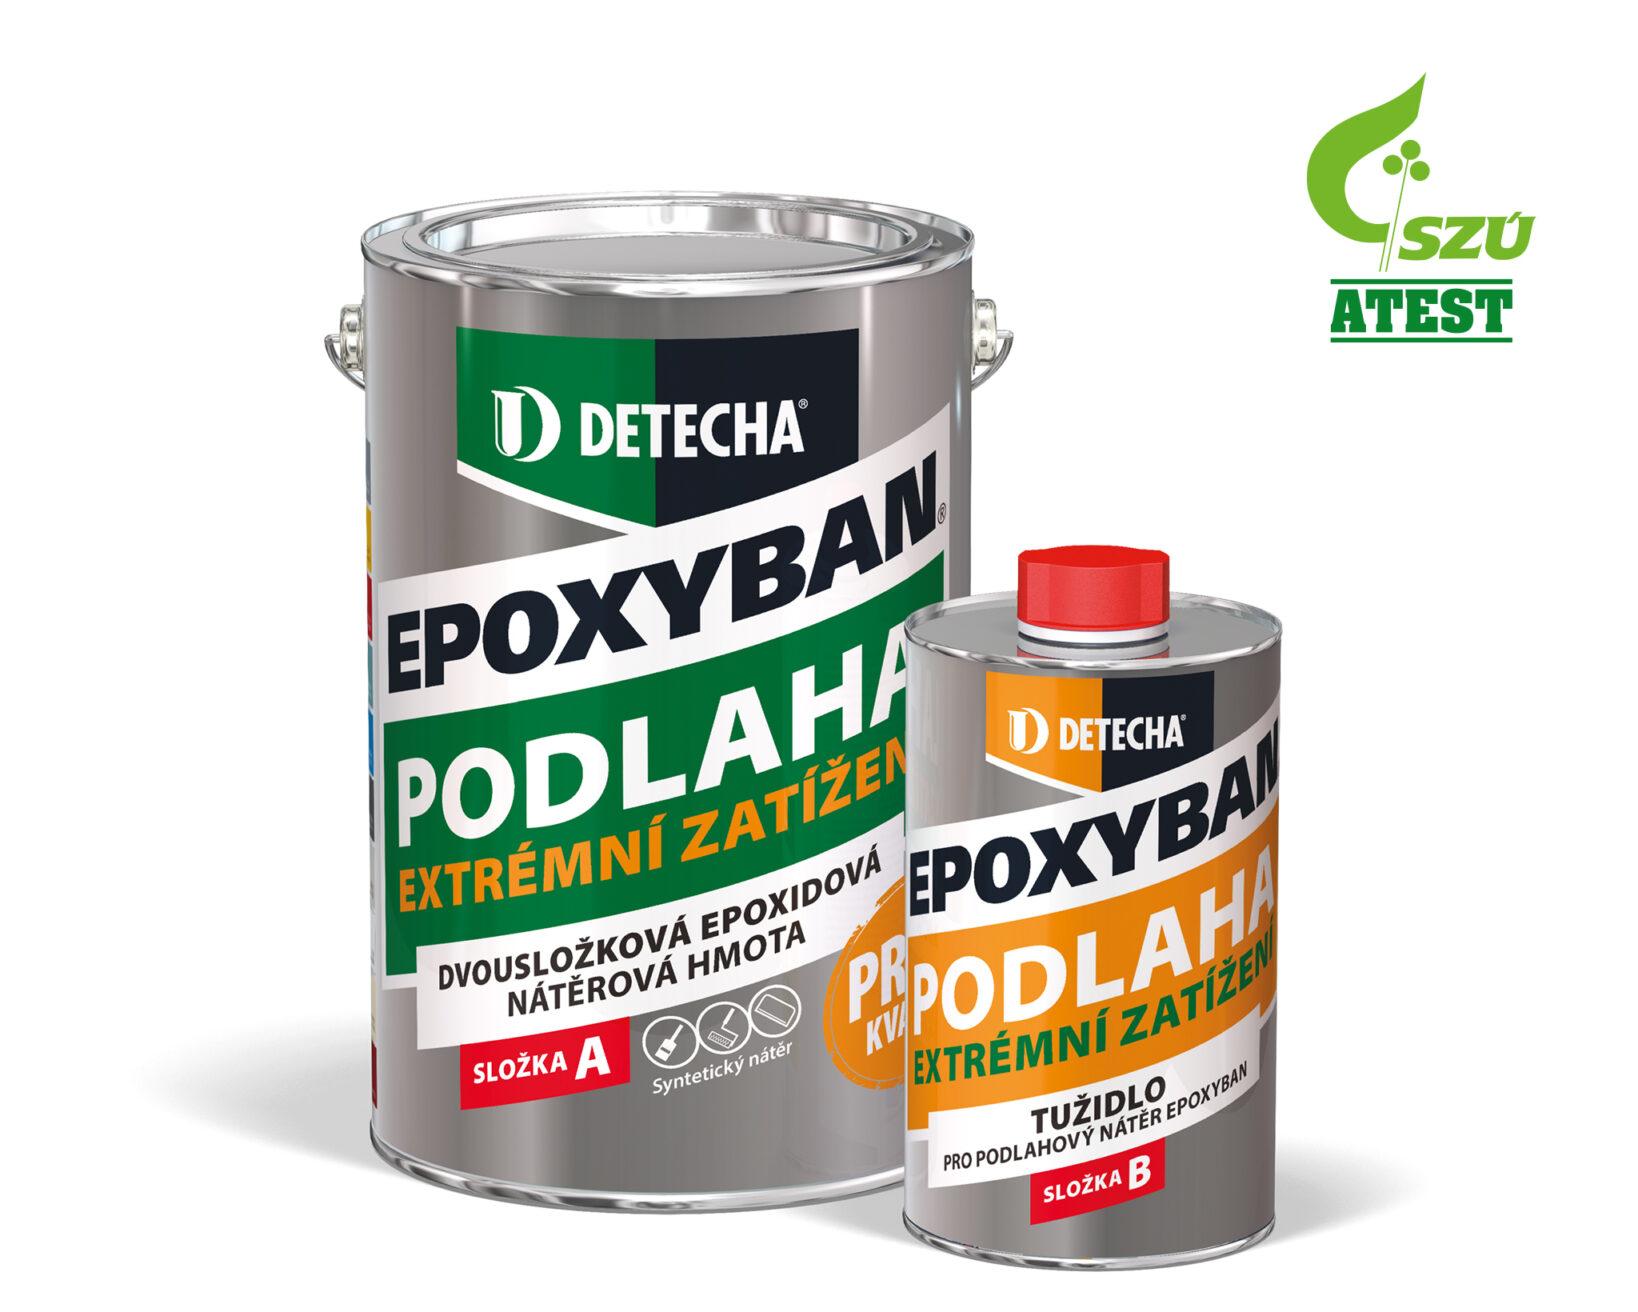 Detecha Epoxyban 5 kg